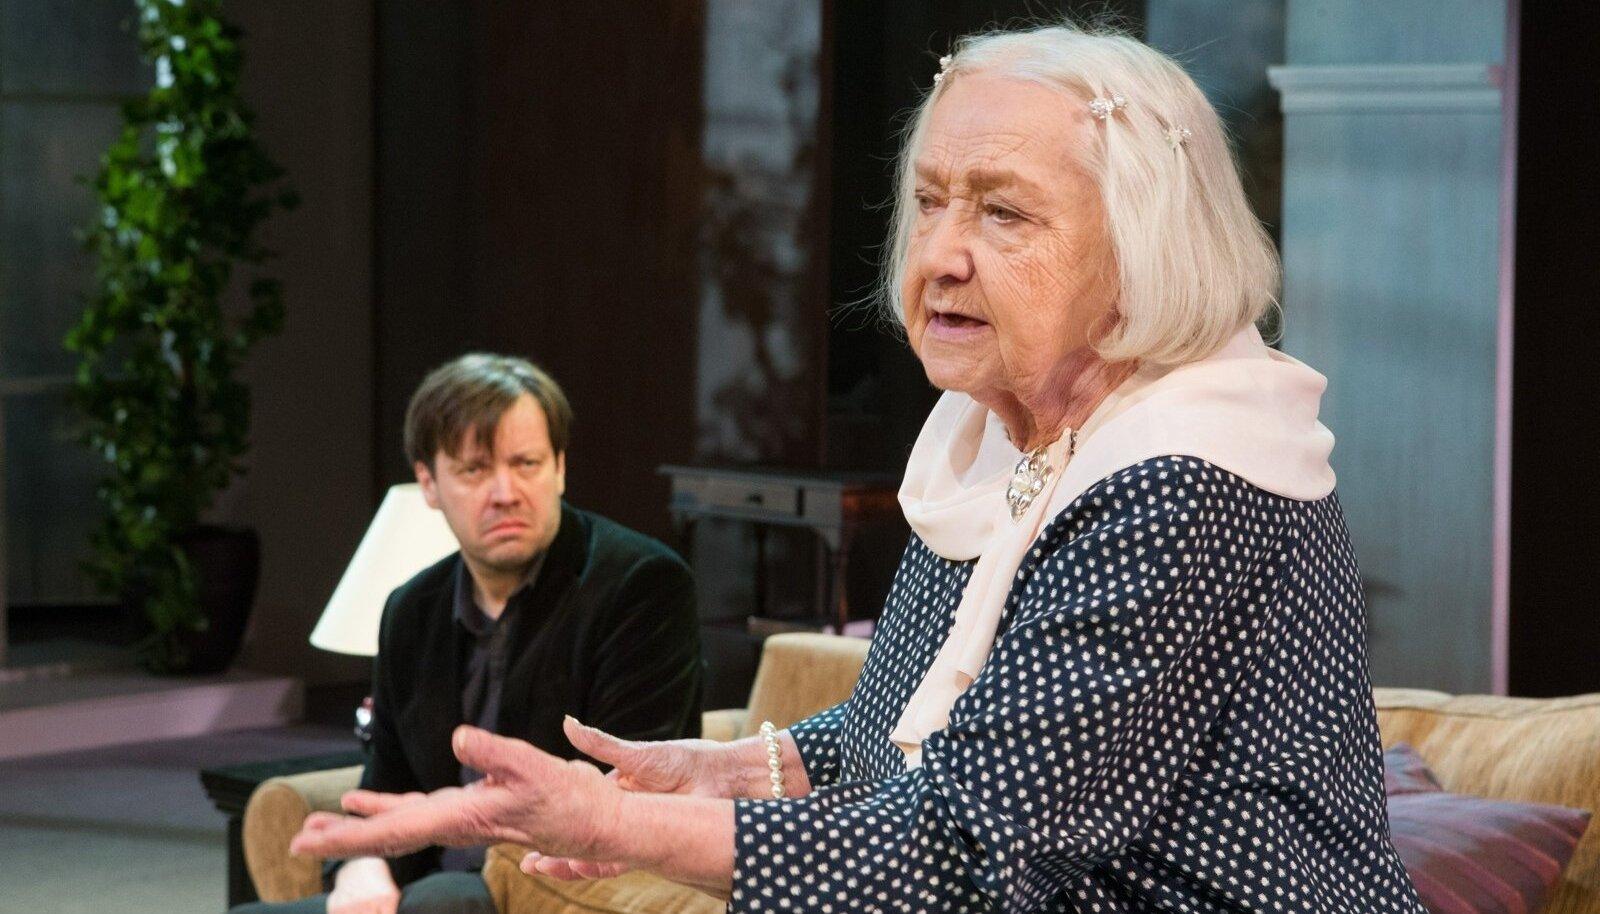 Ita Everi kaasnäitlejad (pildil Mait Malmsten) hoidsid ennast soliidselt varju, et juubilar saaks õigustatult särada.